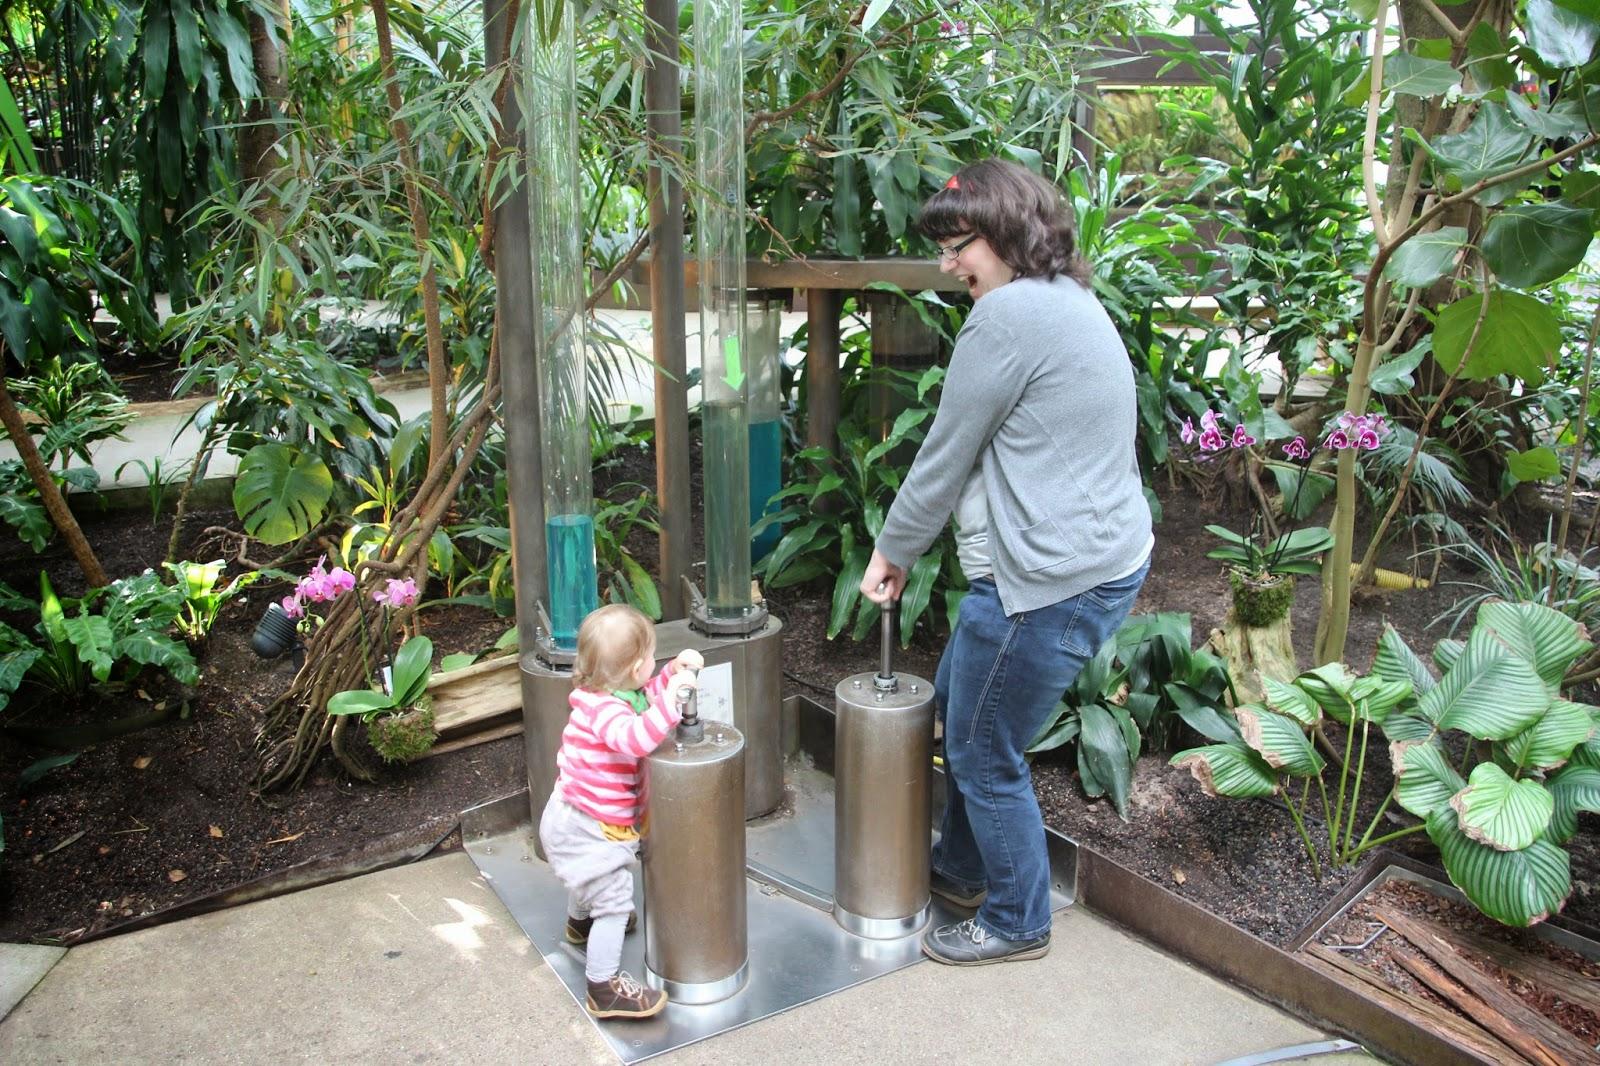 Biosphäre Potsdam interaktiv Mama mit Kleinkind